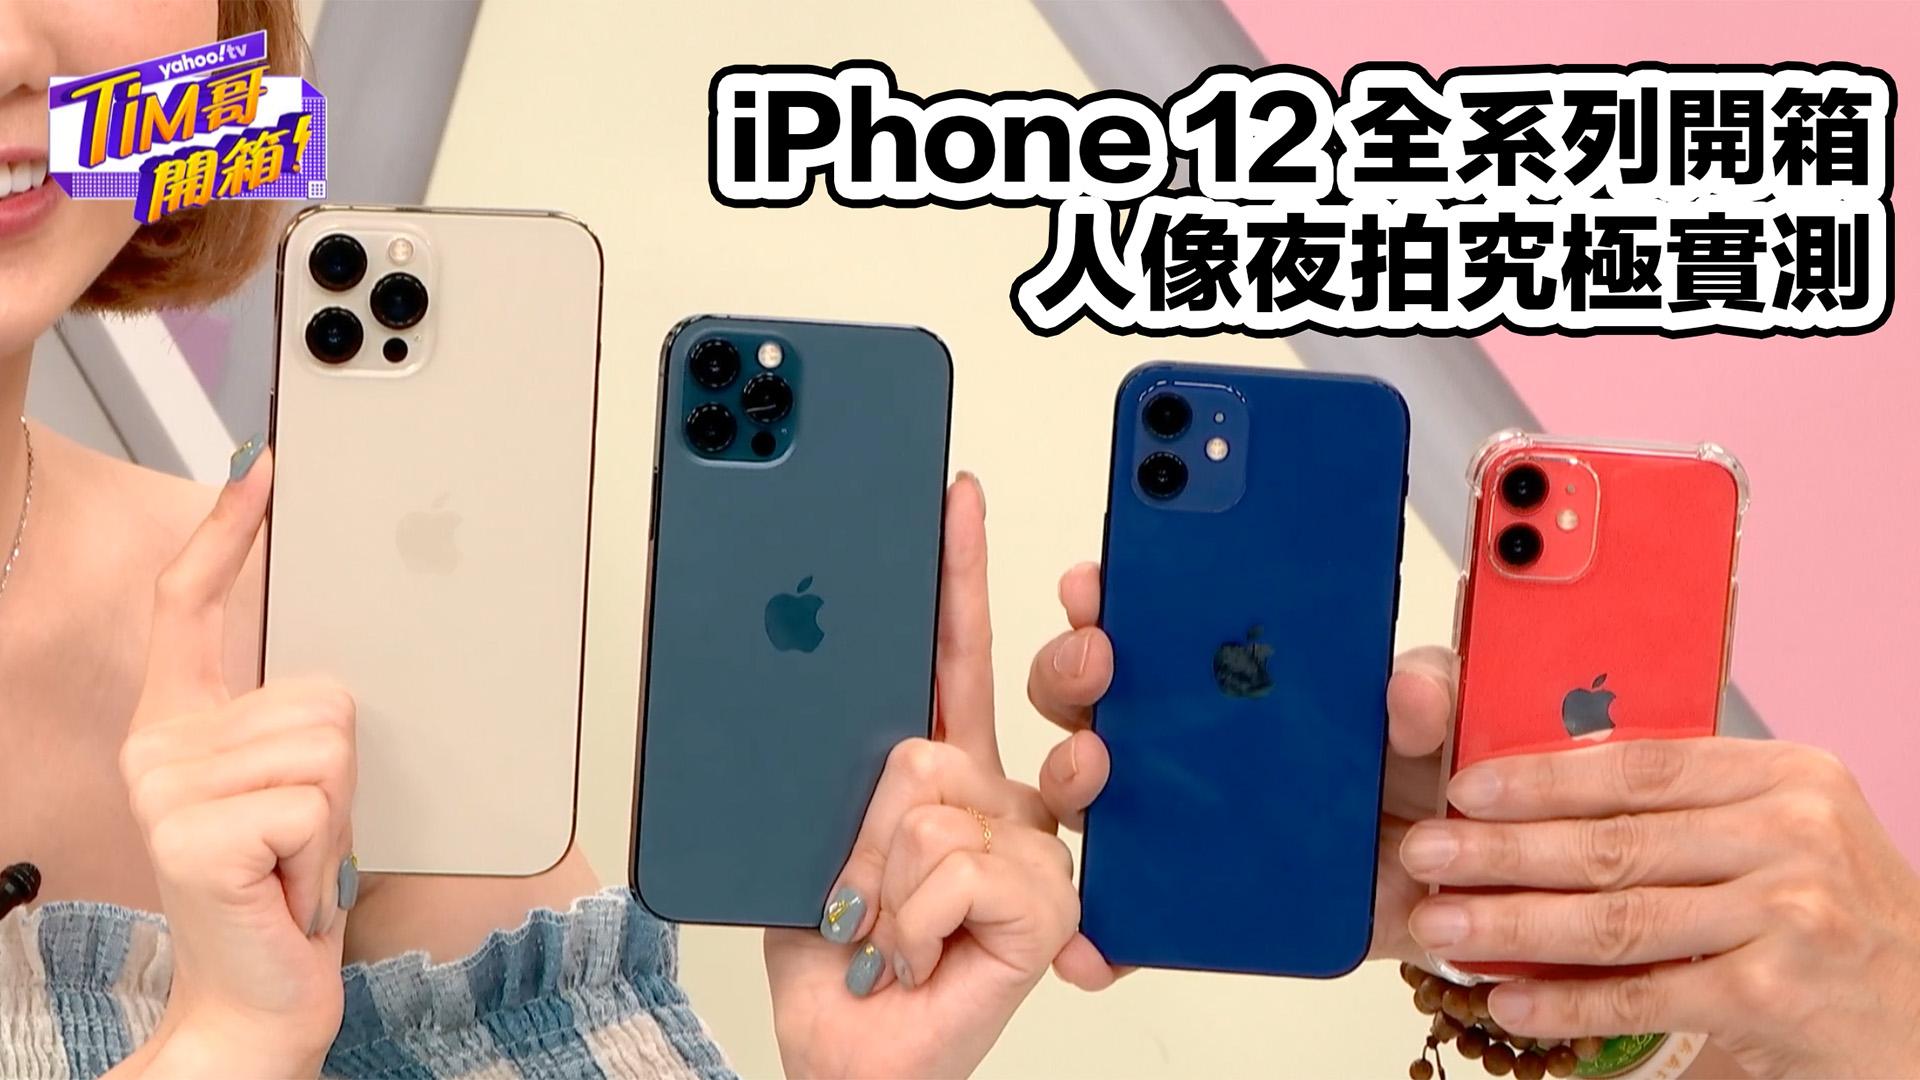 開箱 iPhone 12 Pro Max 與 iPhone 12 Mini 實體機!人像夜拍究極實測 - Tim哥開箱 ft. 妮妮